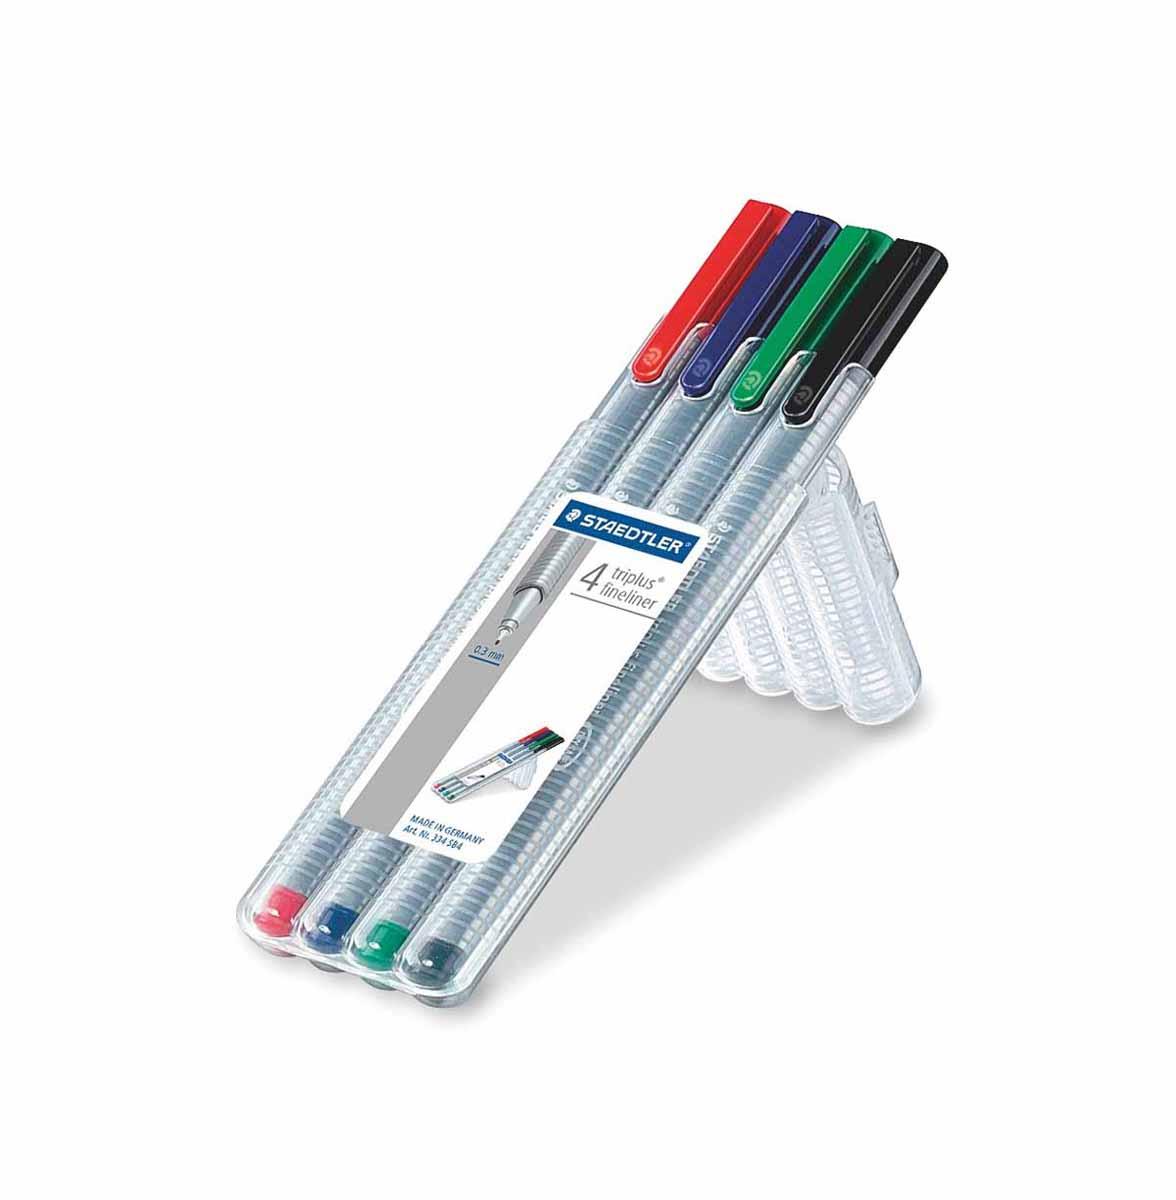 Staedtler Набор капиллярных ручек Triplus 4 цвета staedtler 34sb4 офисный письменный перо перо набор комбинирования 4 вида ручки